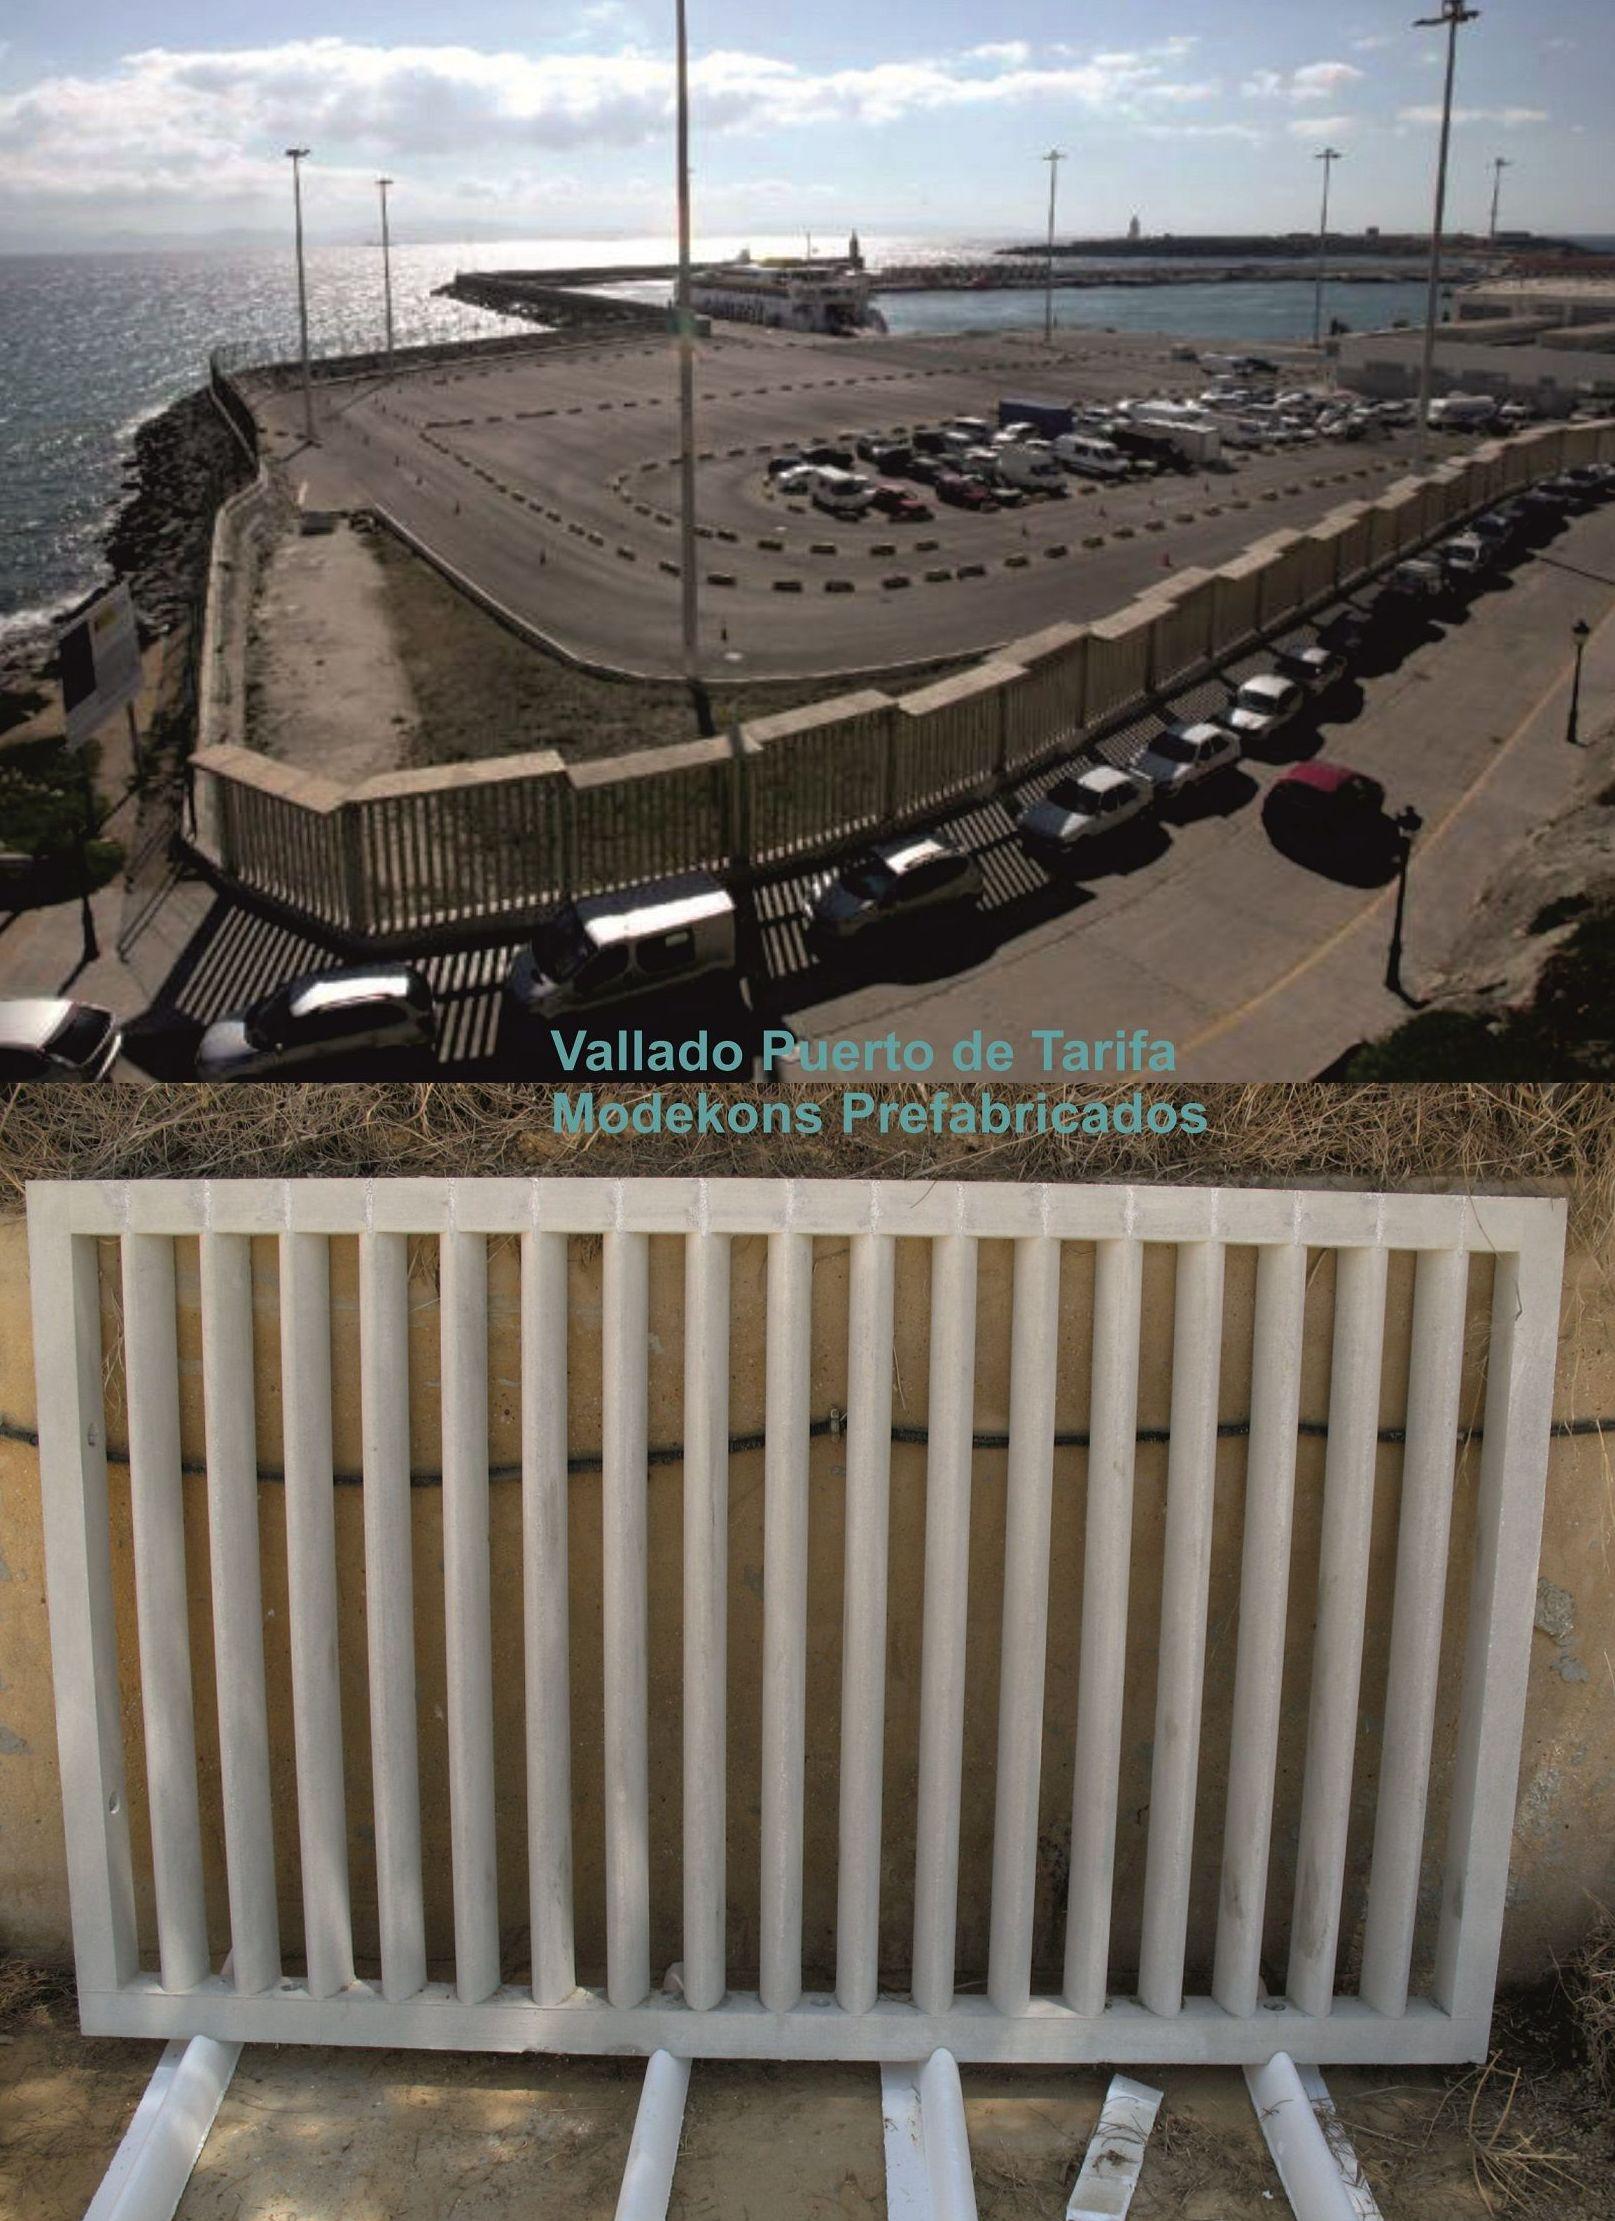 Vallados del Puerto de Tarifa